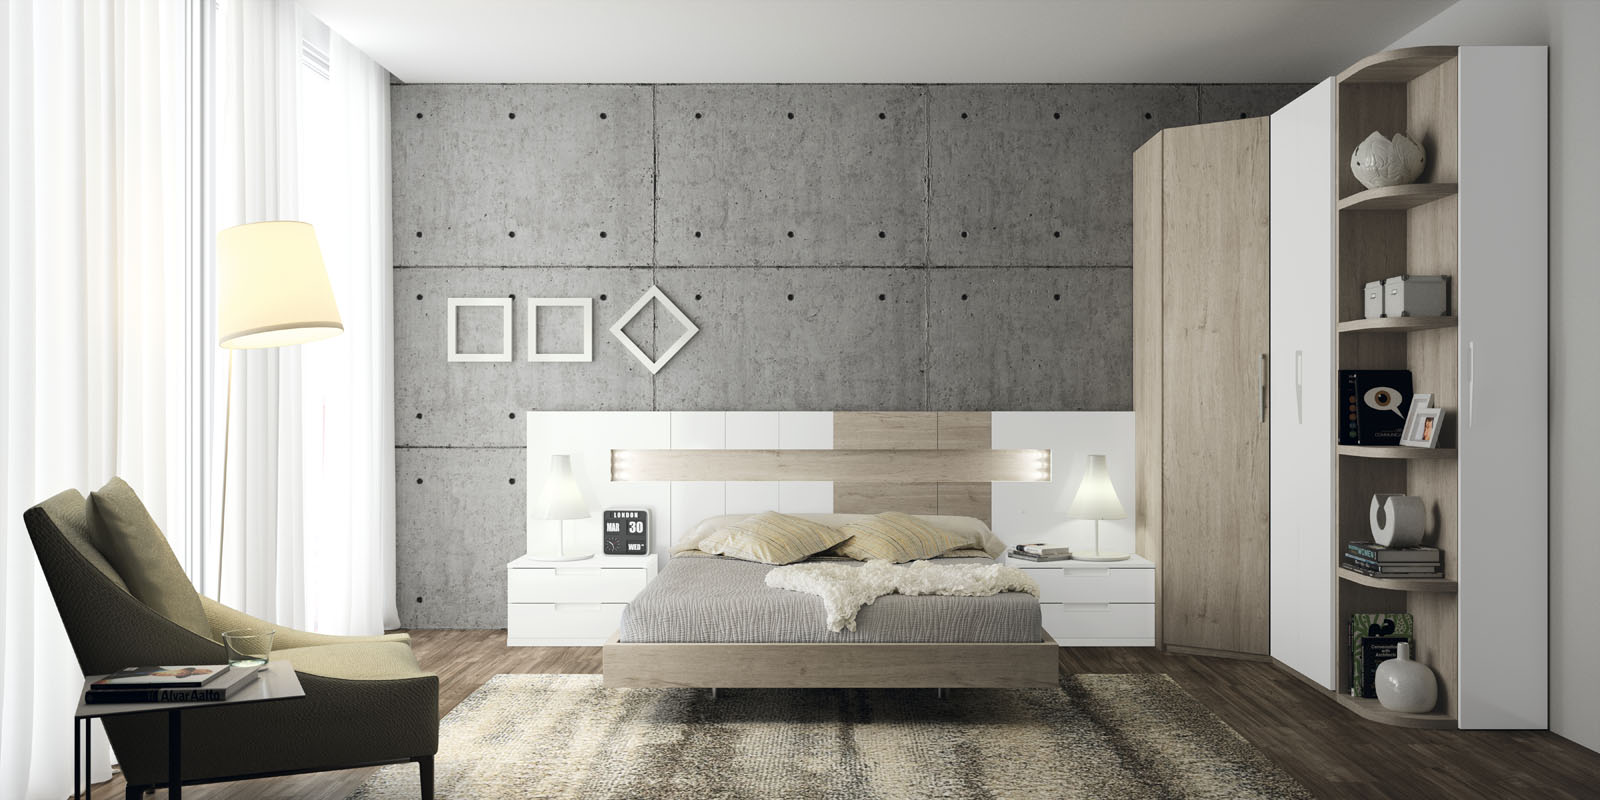 Eos Concept De Glicerio Chaves El Imprescindible En La Tienda De  # Muebles Salon Eos